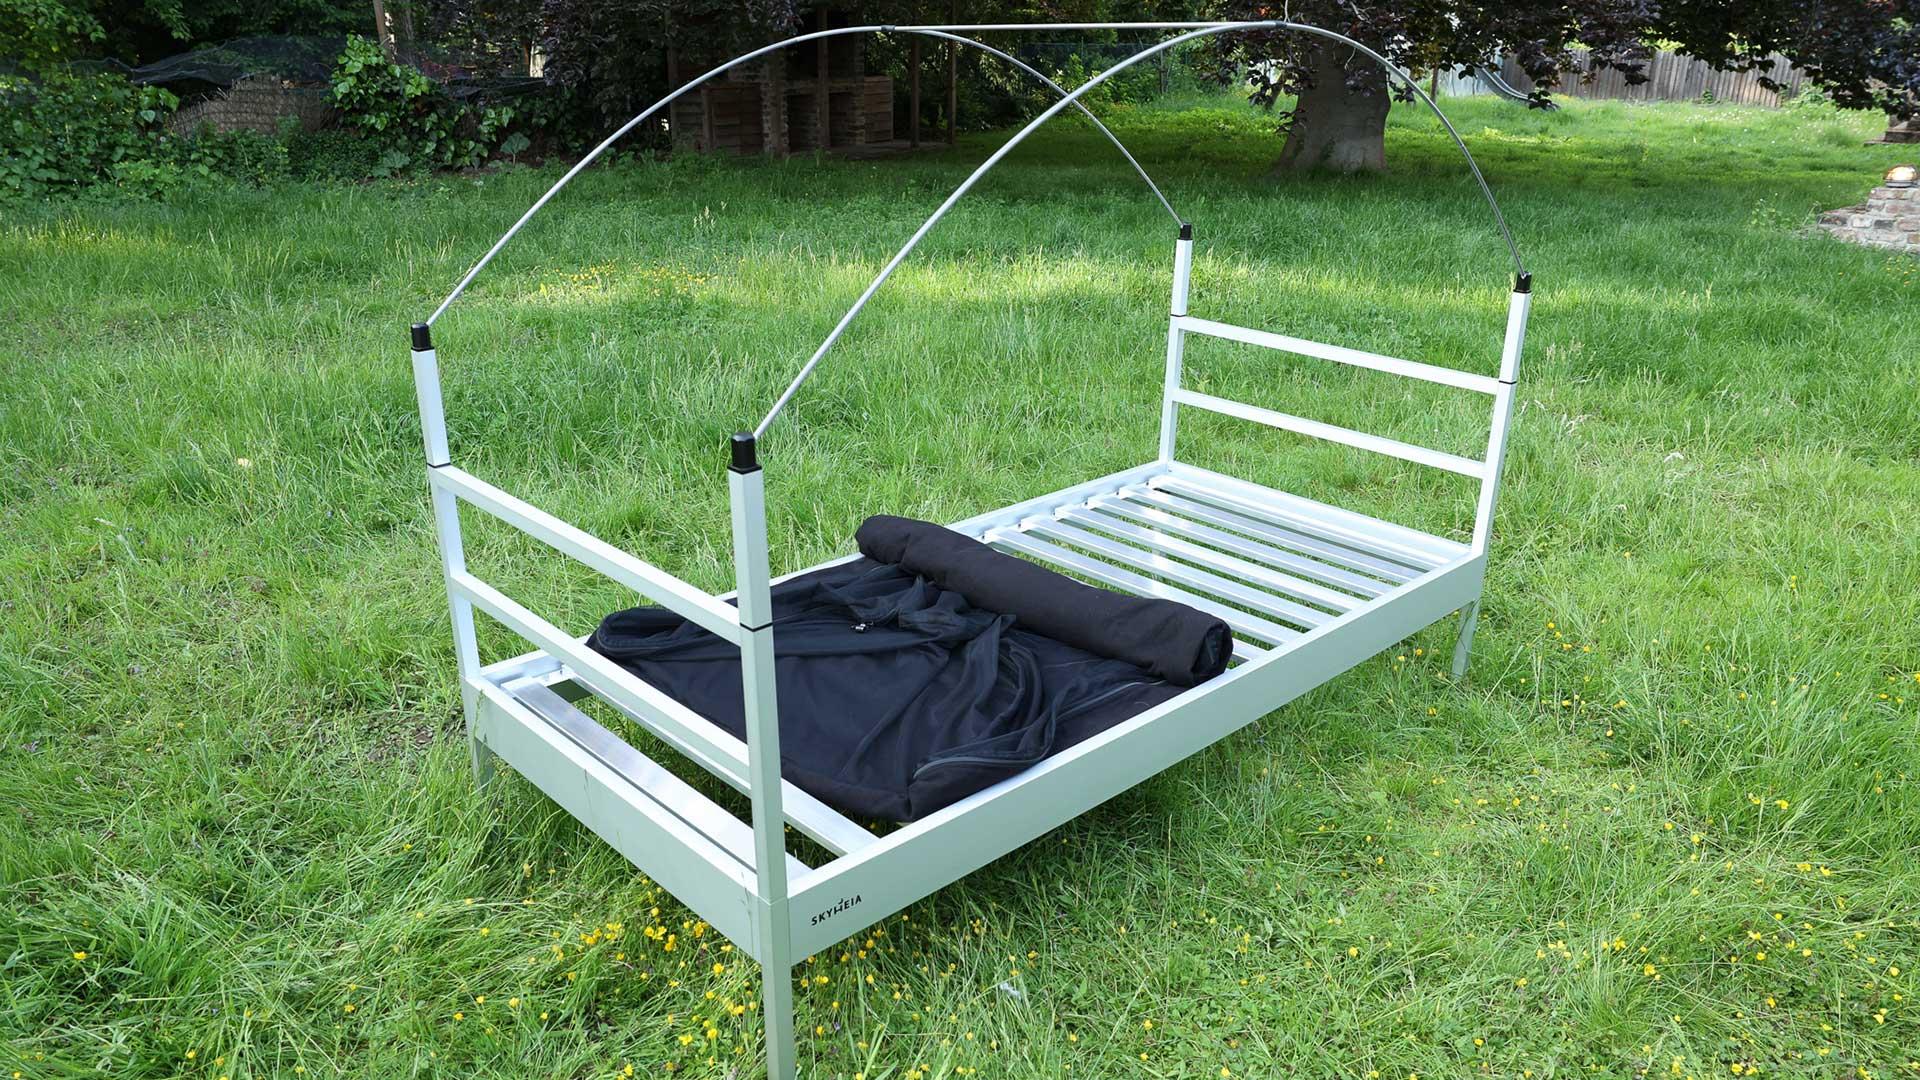 Die SkyHeia, das Outdoor-Bett steht auf einer Wiese, Matratze und Bettwäsche sind nicht mehr auf dem Outdoor-Bett. Man sieht den teils eingerollten Moskitoschutz, der einen Blick auf das Lattenrost aus Aluminium freigibt.